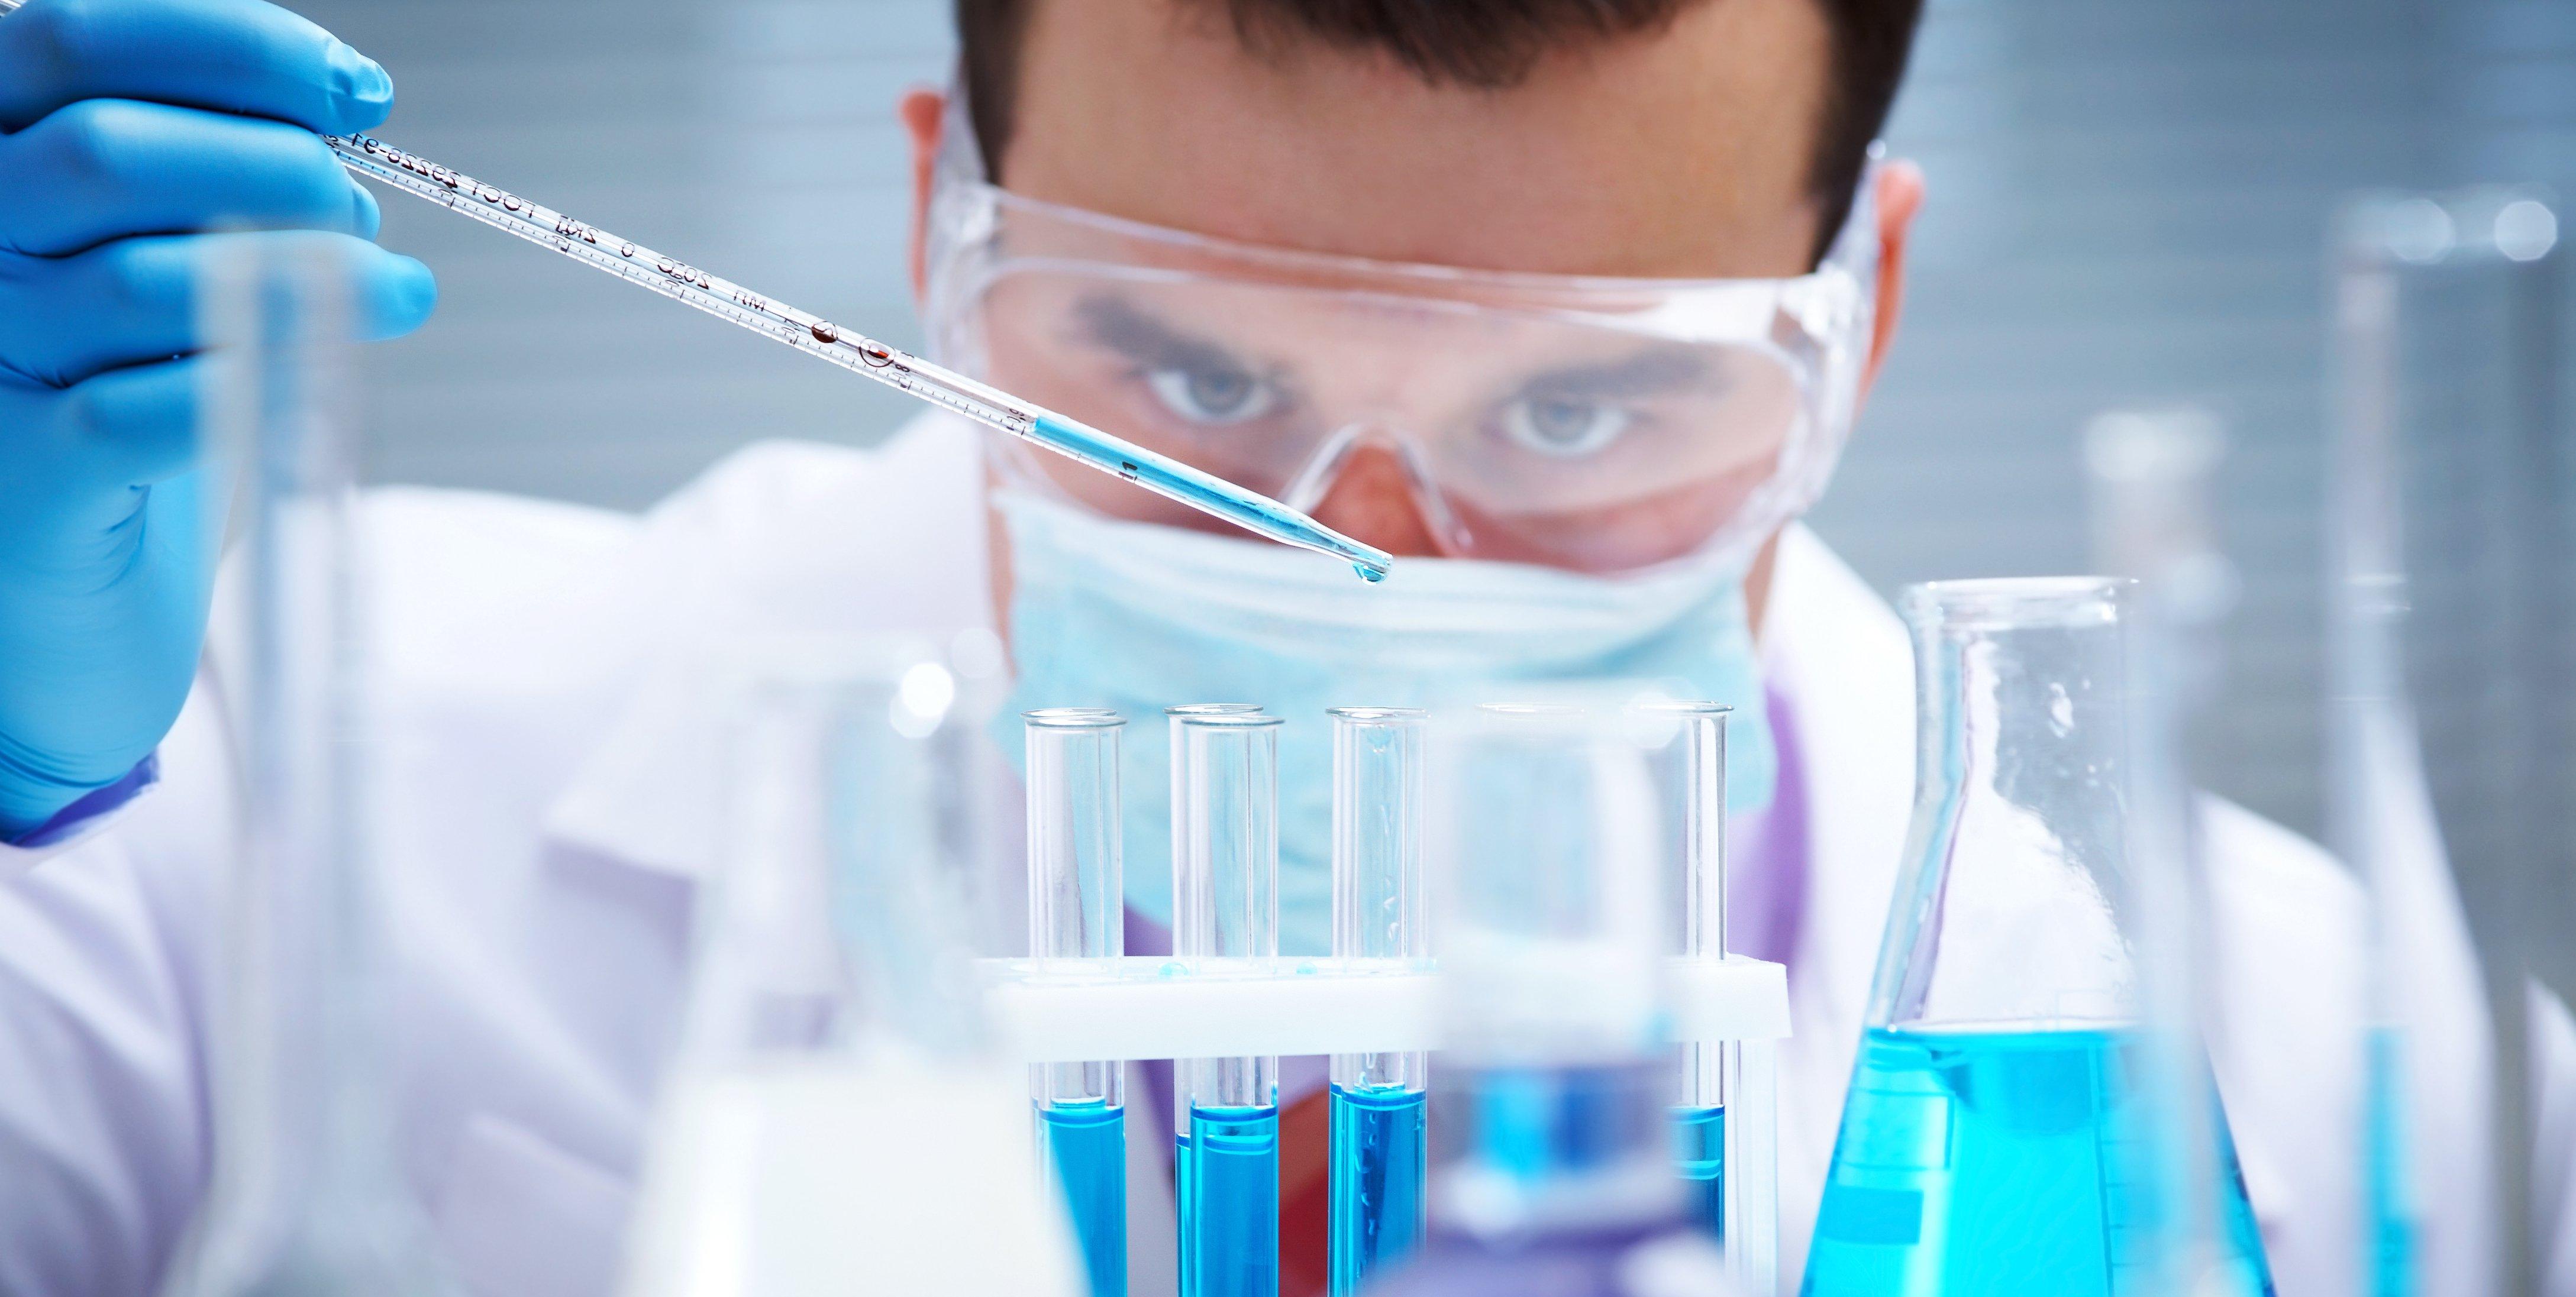 Desarrollo y validación de métodos analíticos